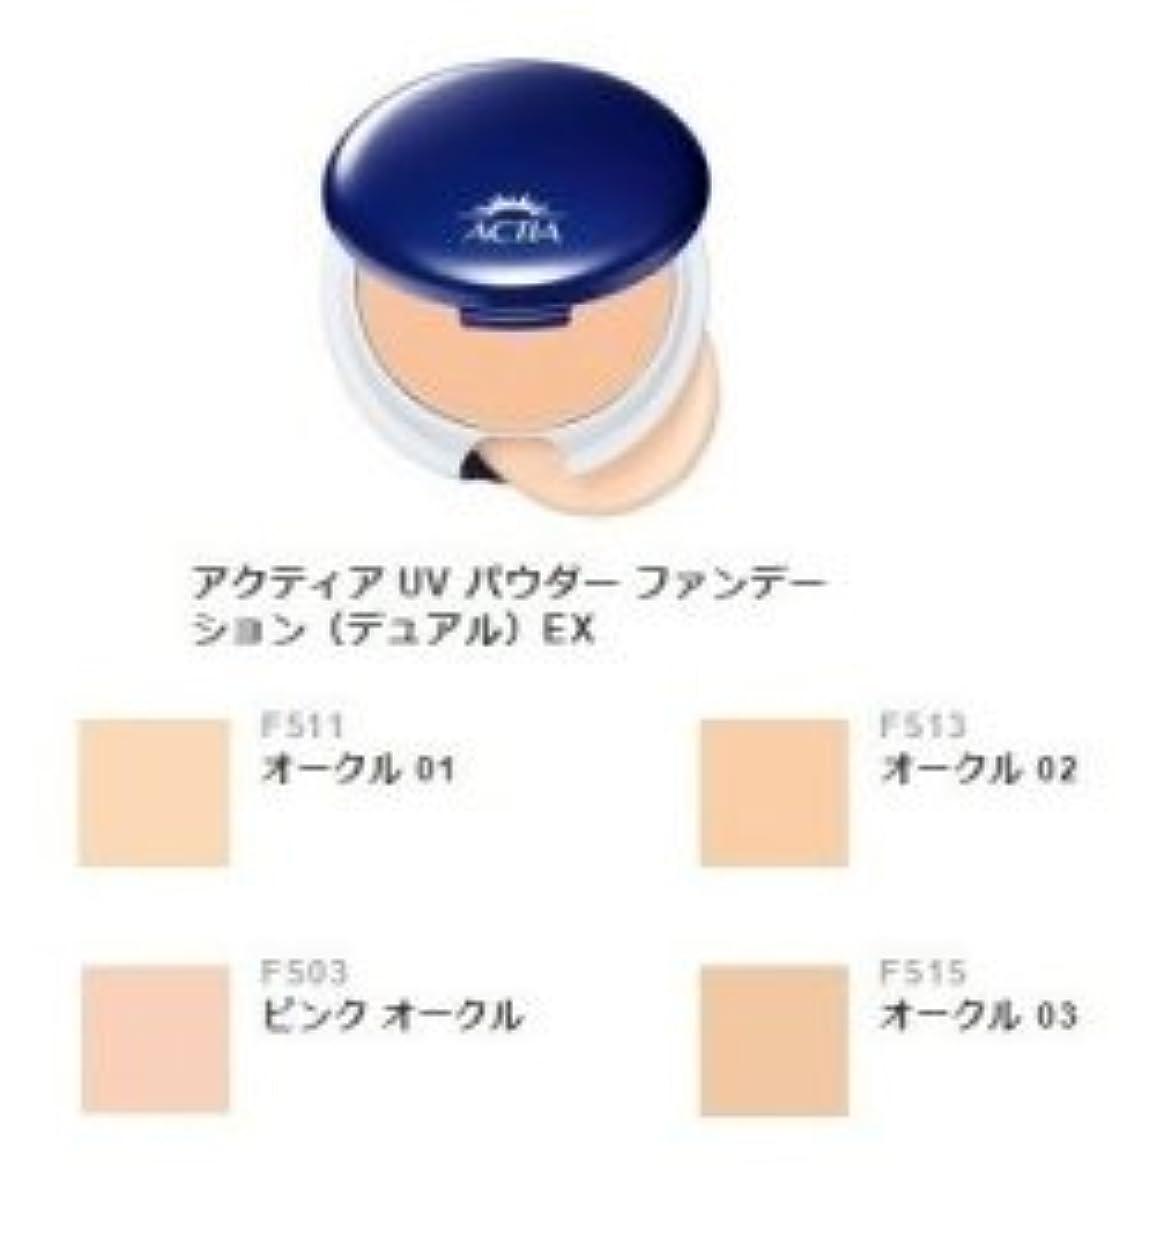 量ダム慈善エイボン(AVON) アクティア UV パウダーファンデーション(デュアル)EX(リフィル) F503 ピンクオークル